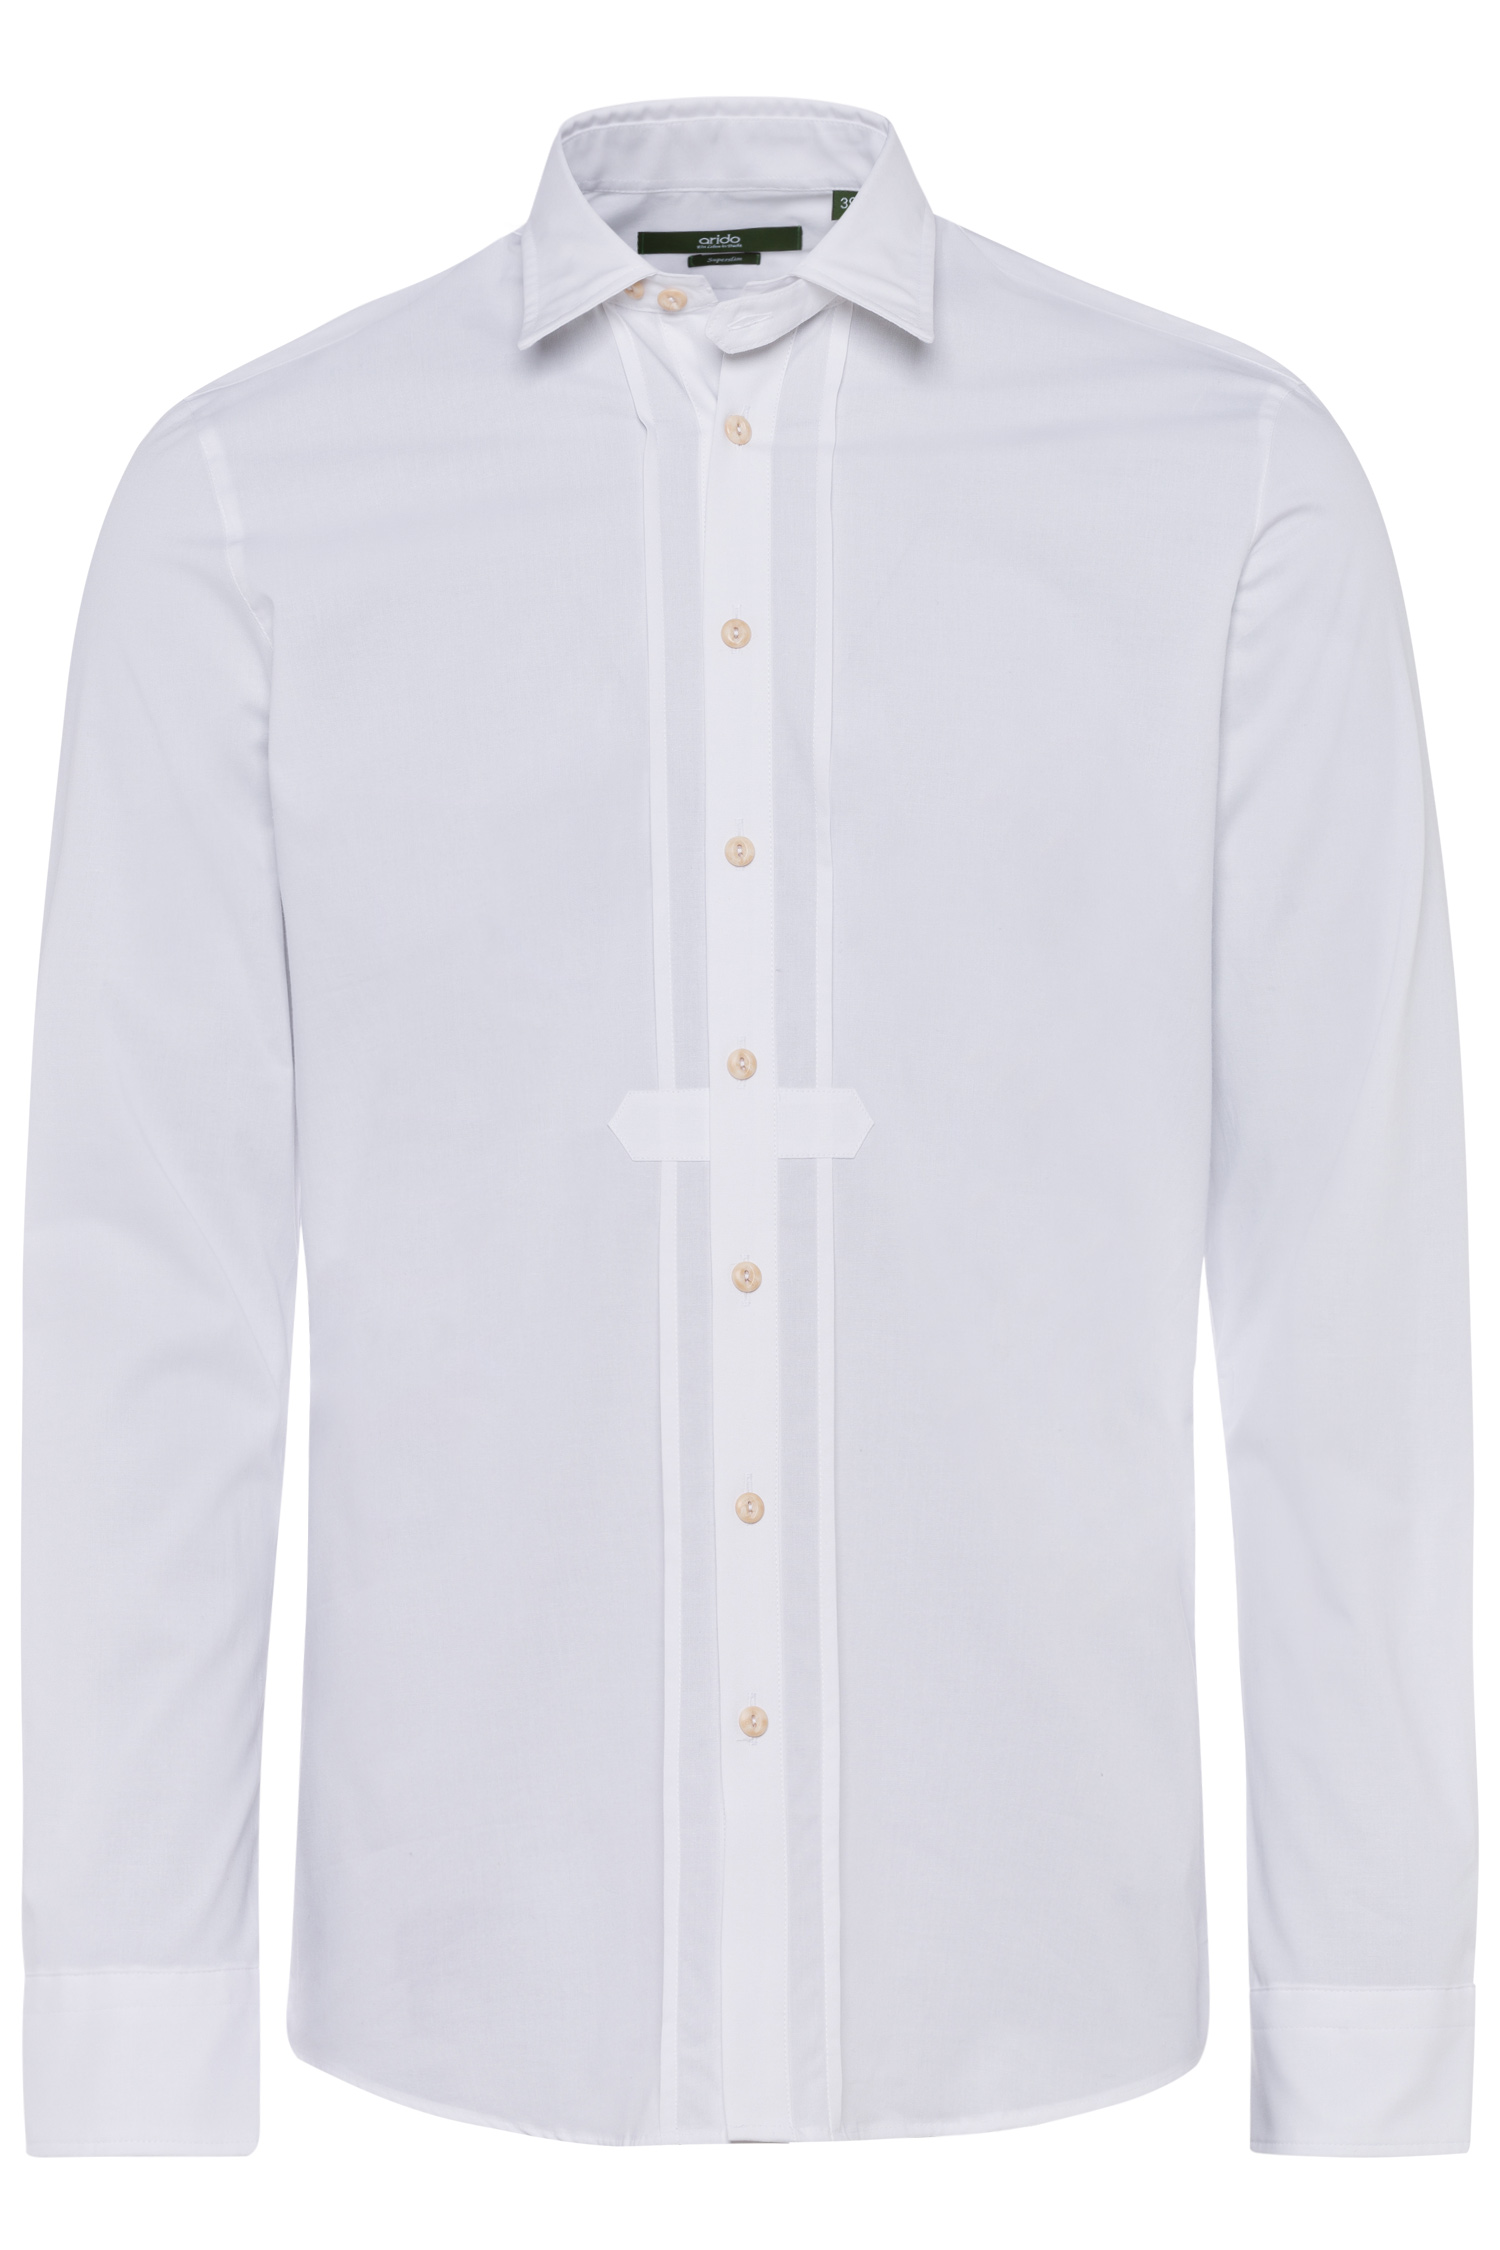 Trachtenhemd Superslim 42 | 00 weiß